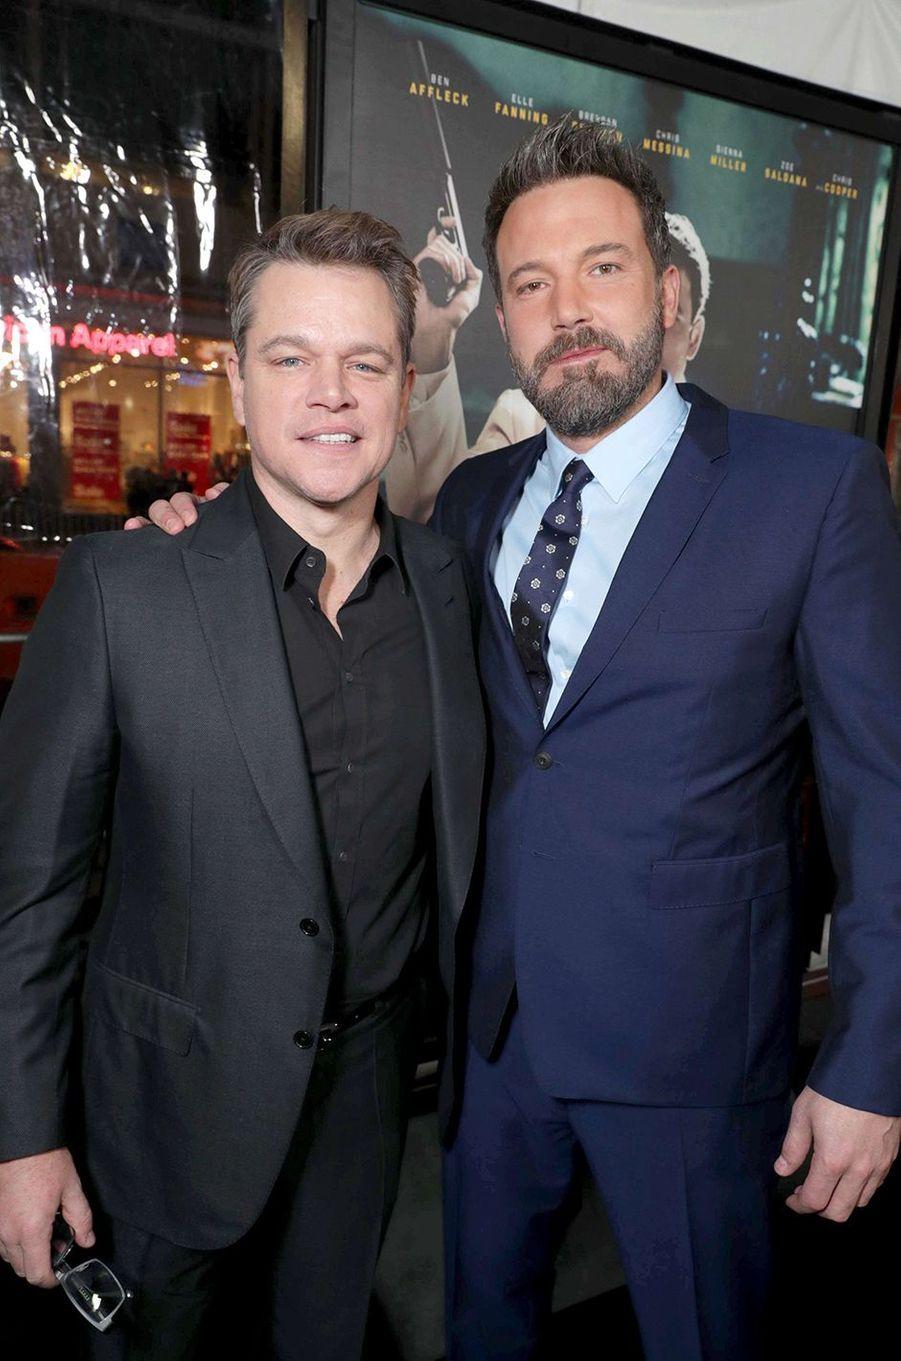 Matt Damon et Ben Affleck : les deux potes d'enfance. Scolarisés dans la même école, ils ont appris plus tard qu'ils étaient aussi cousins éloignés. Leurs carrières se sont lancées simultanément à Hollywood, notamment avec le succès de «Will Hunting» (1997), pour lequel ils avaient co-écrit le scénario.